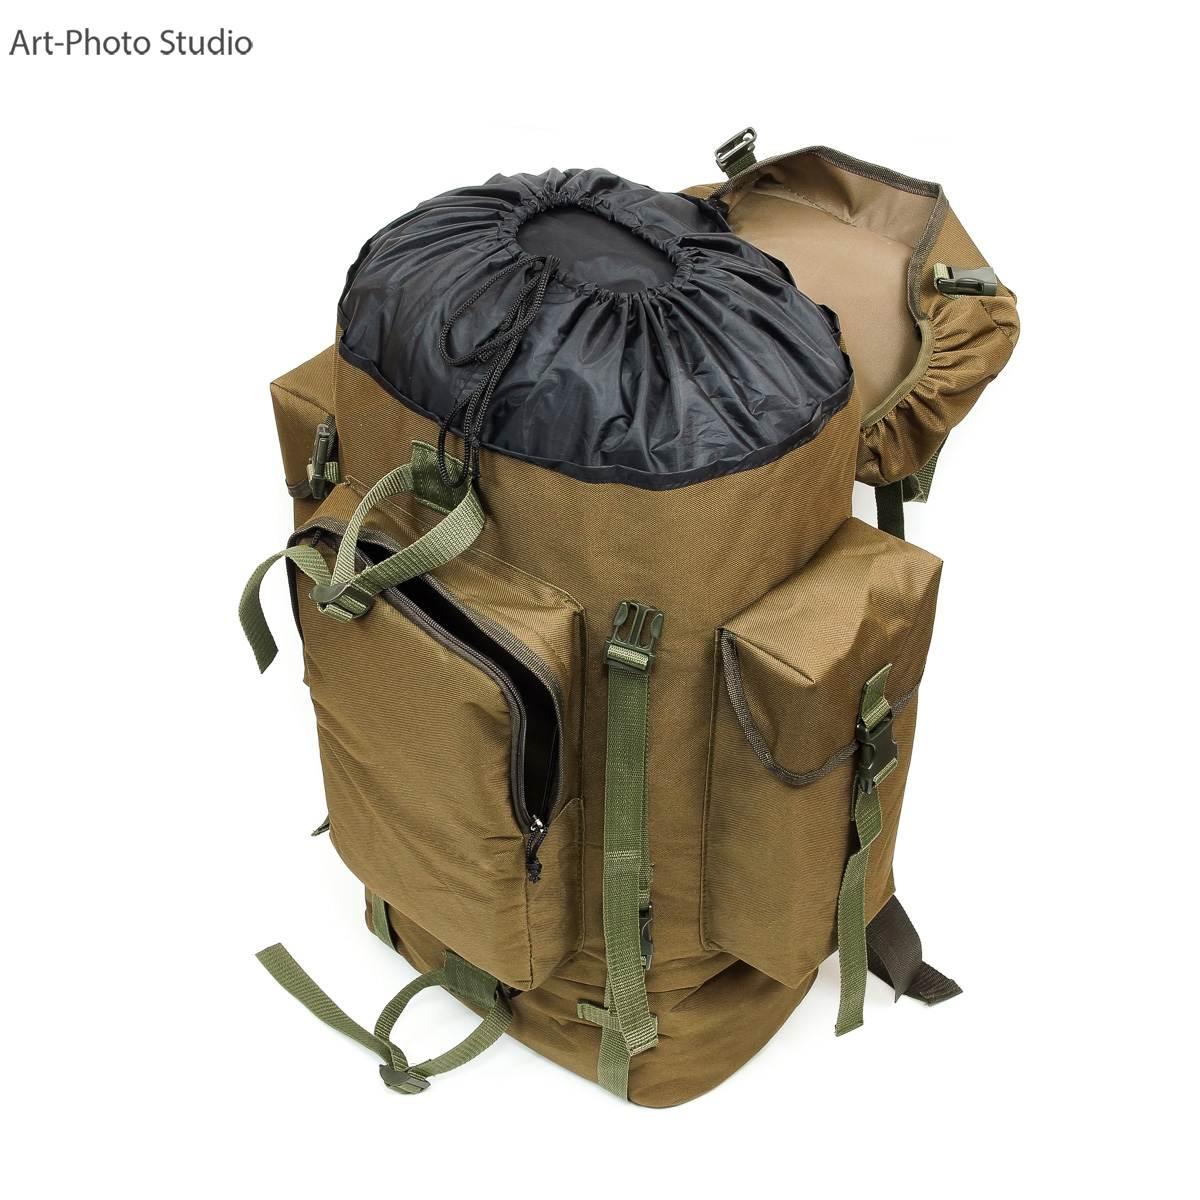 предметное фото туристского универсального рюкзака цвета койот